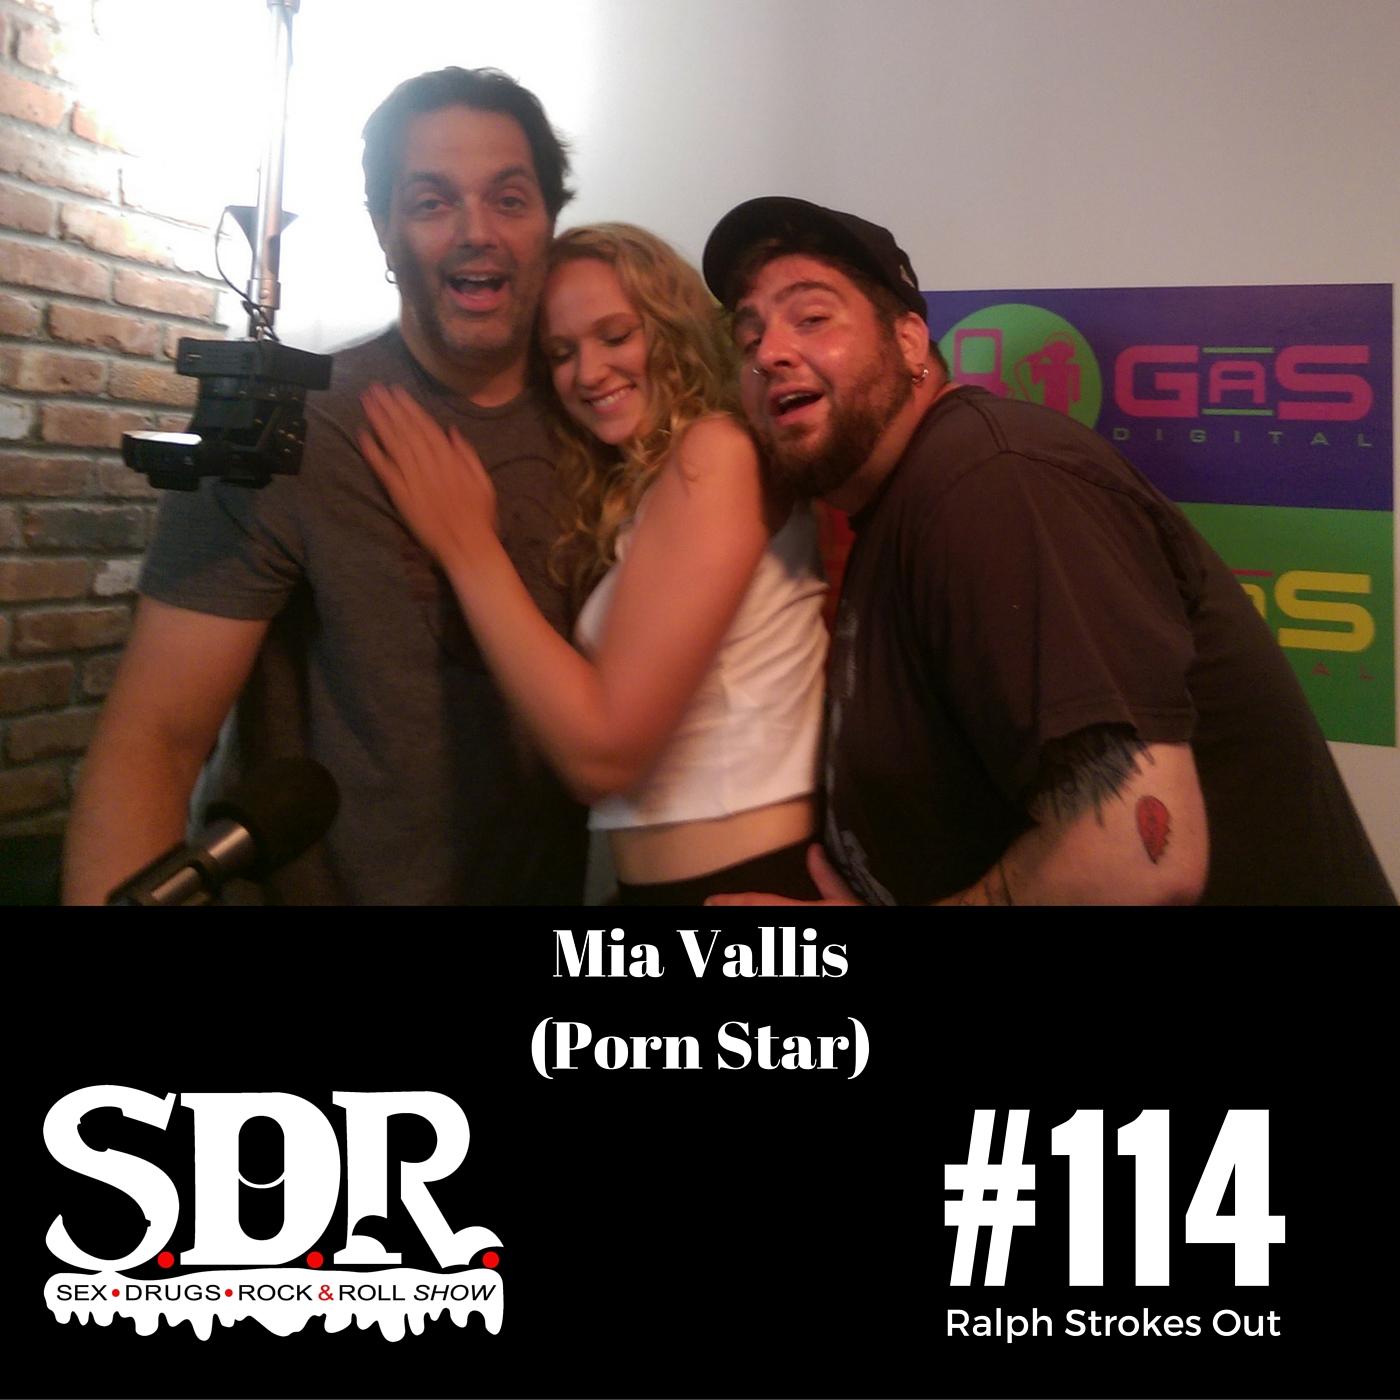 Mia Vallis